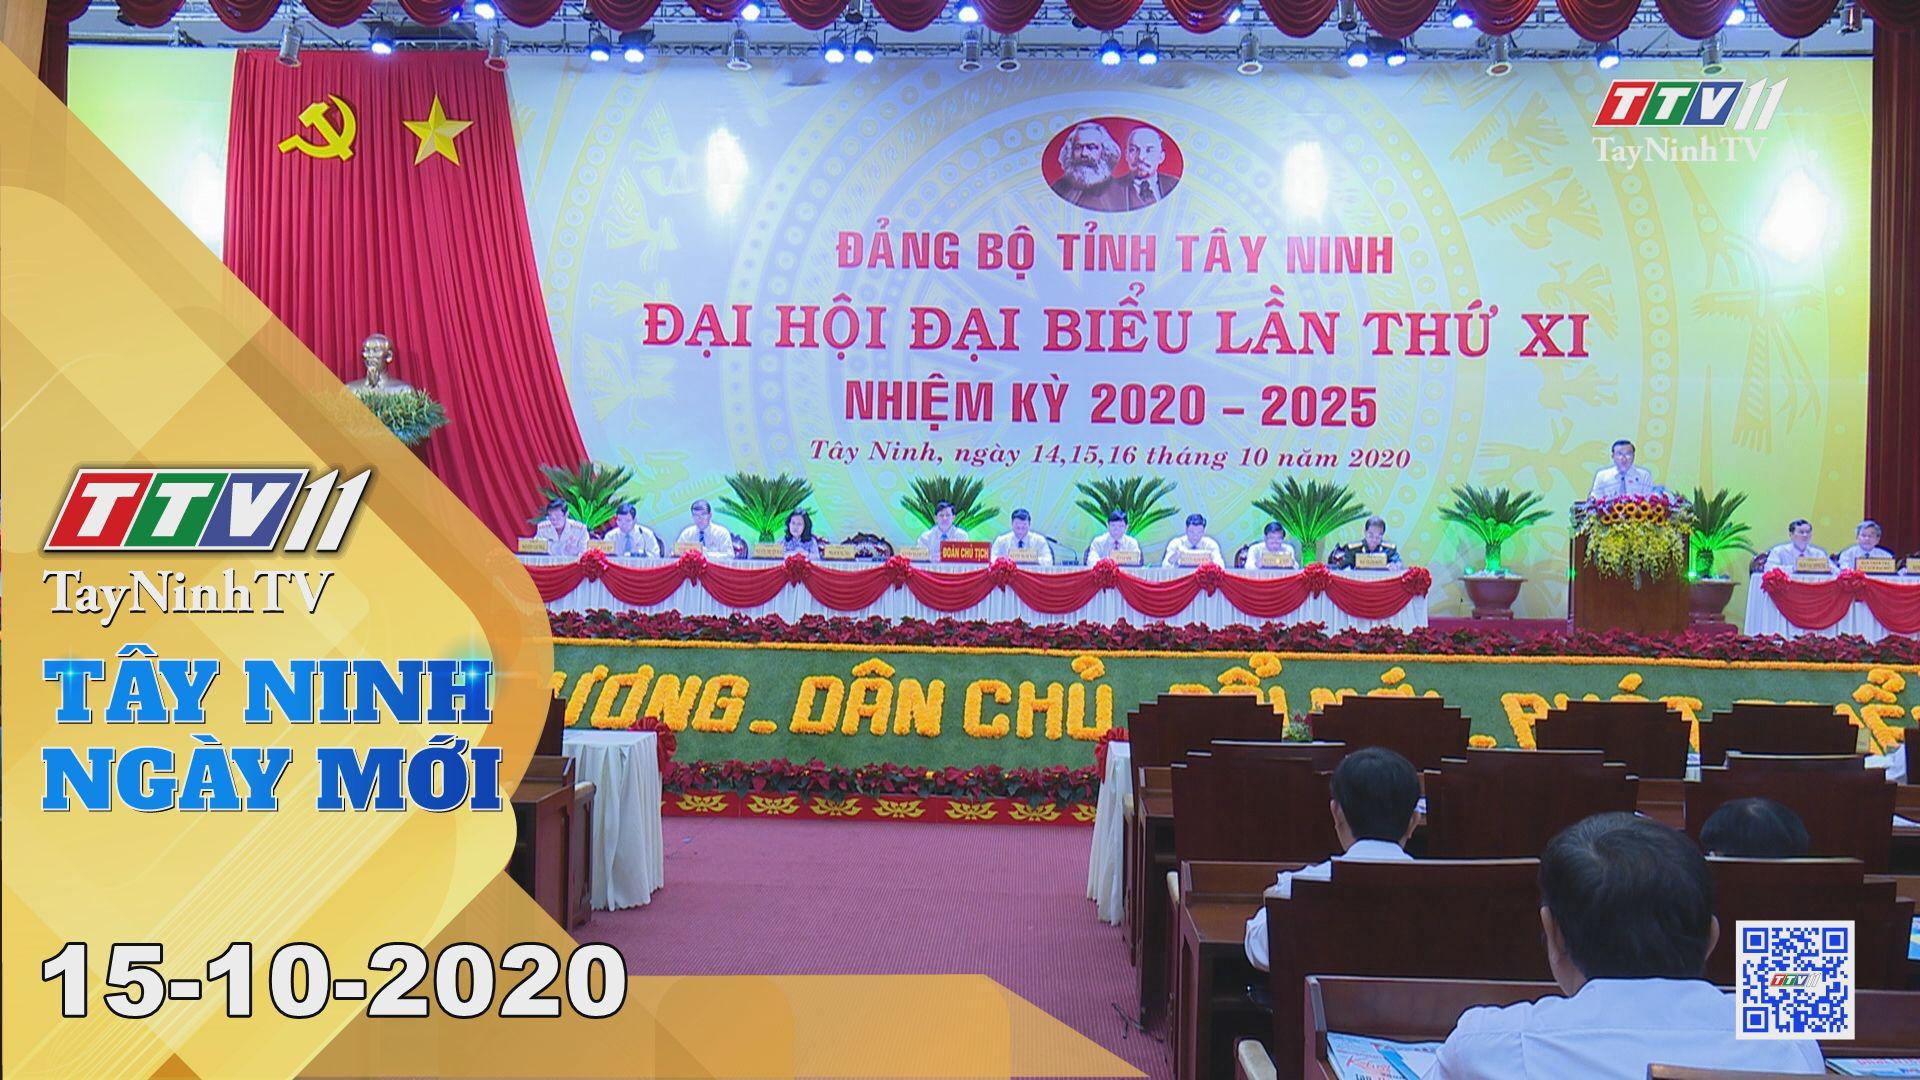 Tây Ninh Ngày Mới 15-10-2020 | Tin tức hôm nay | TayNinhTV